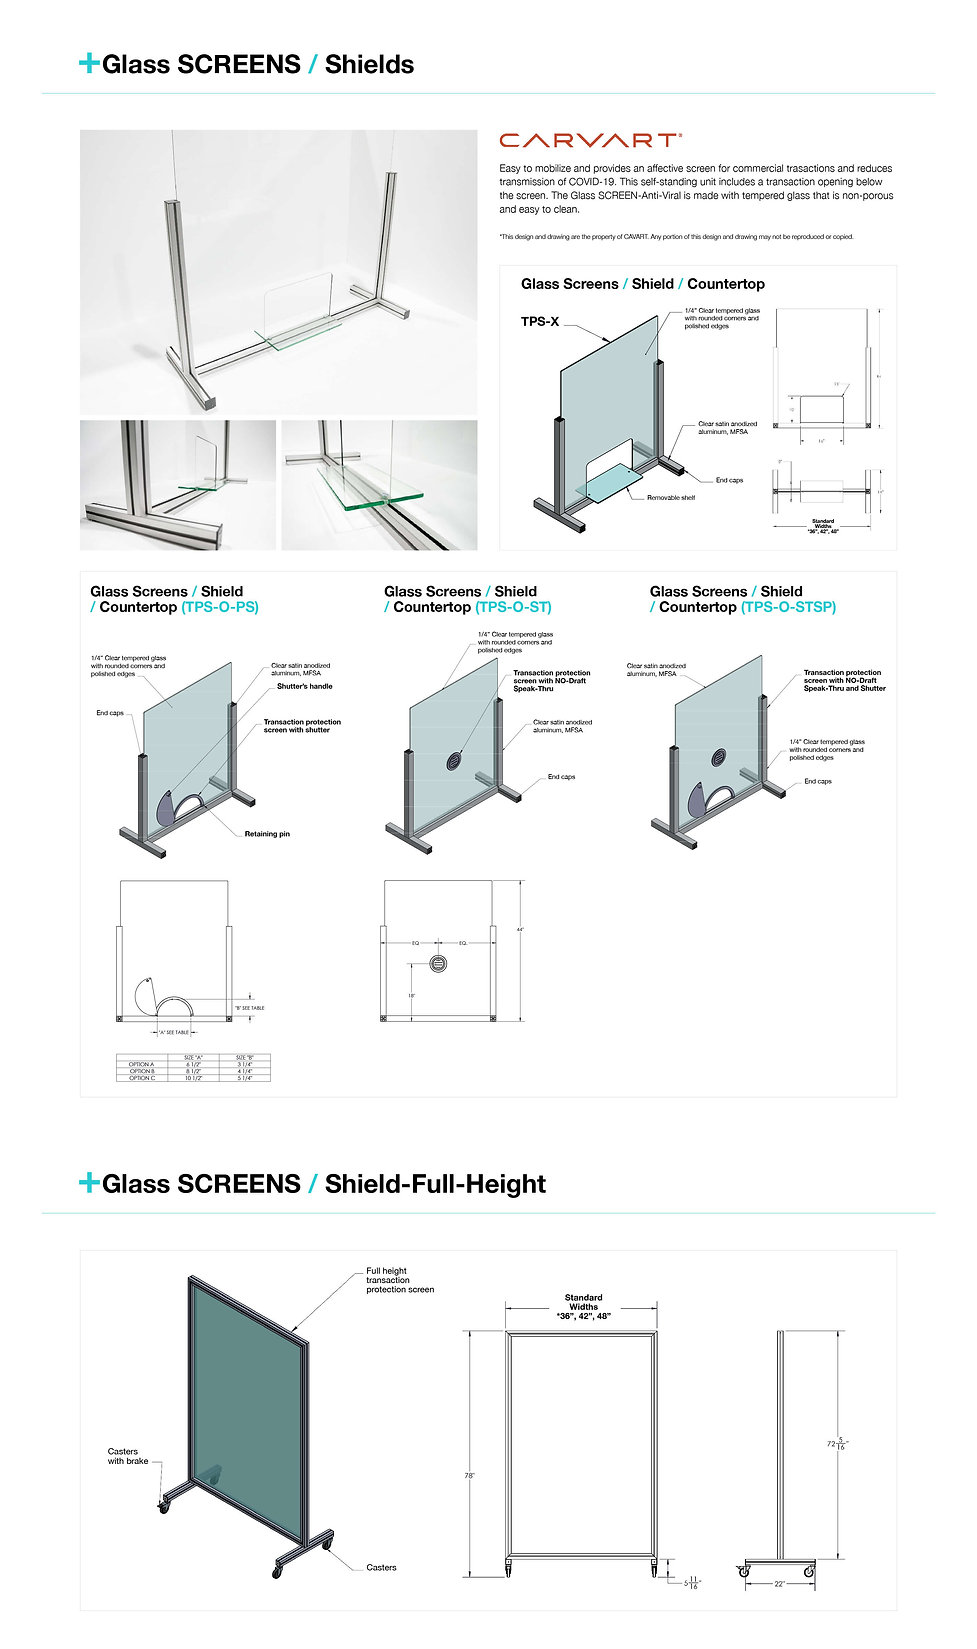 shore-healtcare-glass-screen-shield-cava